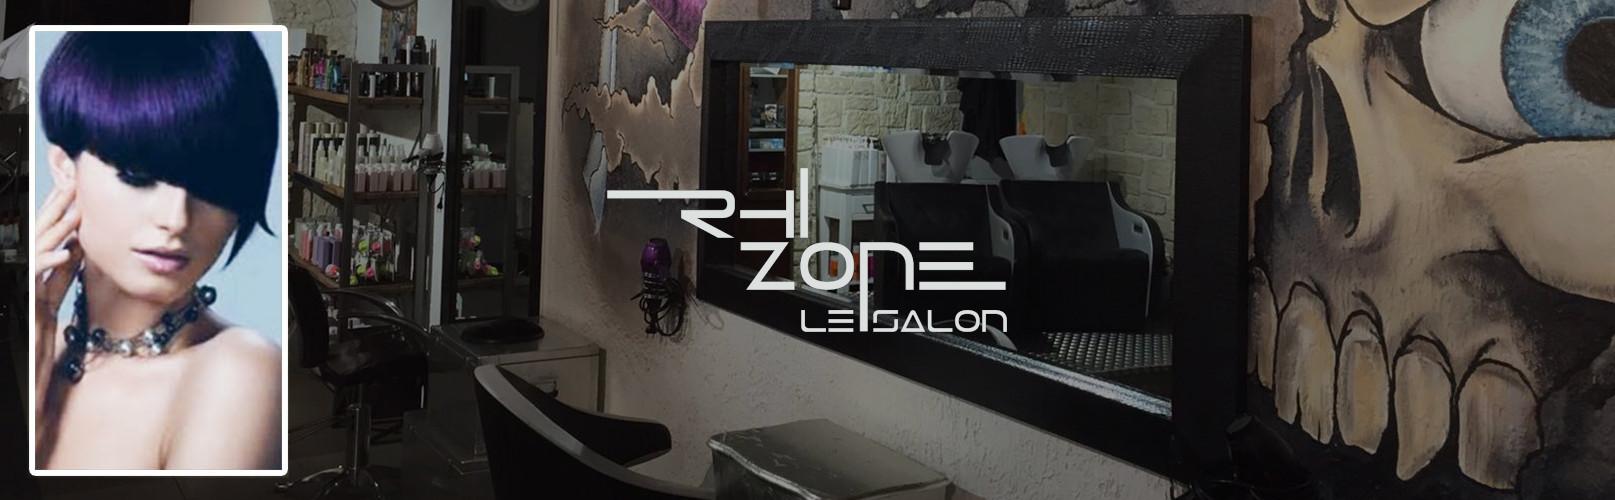 rhizone-slider-1